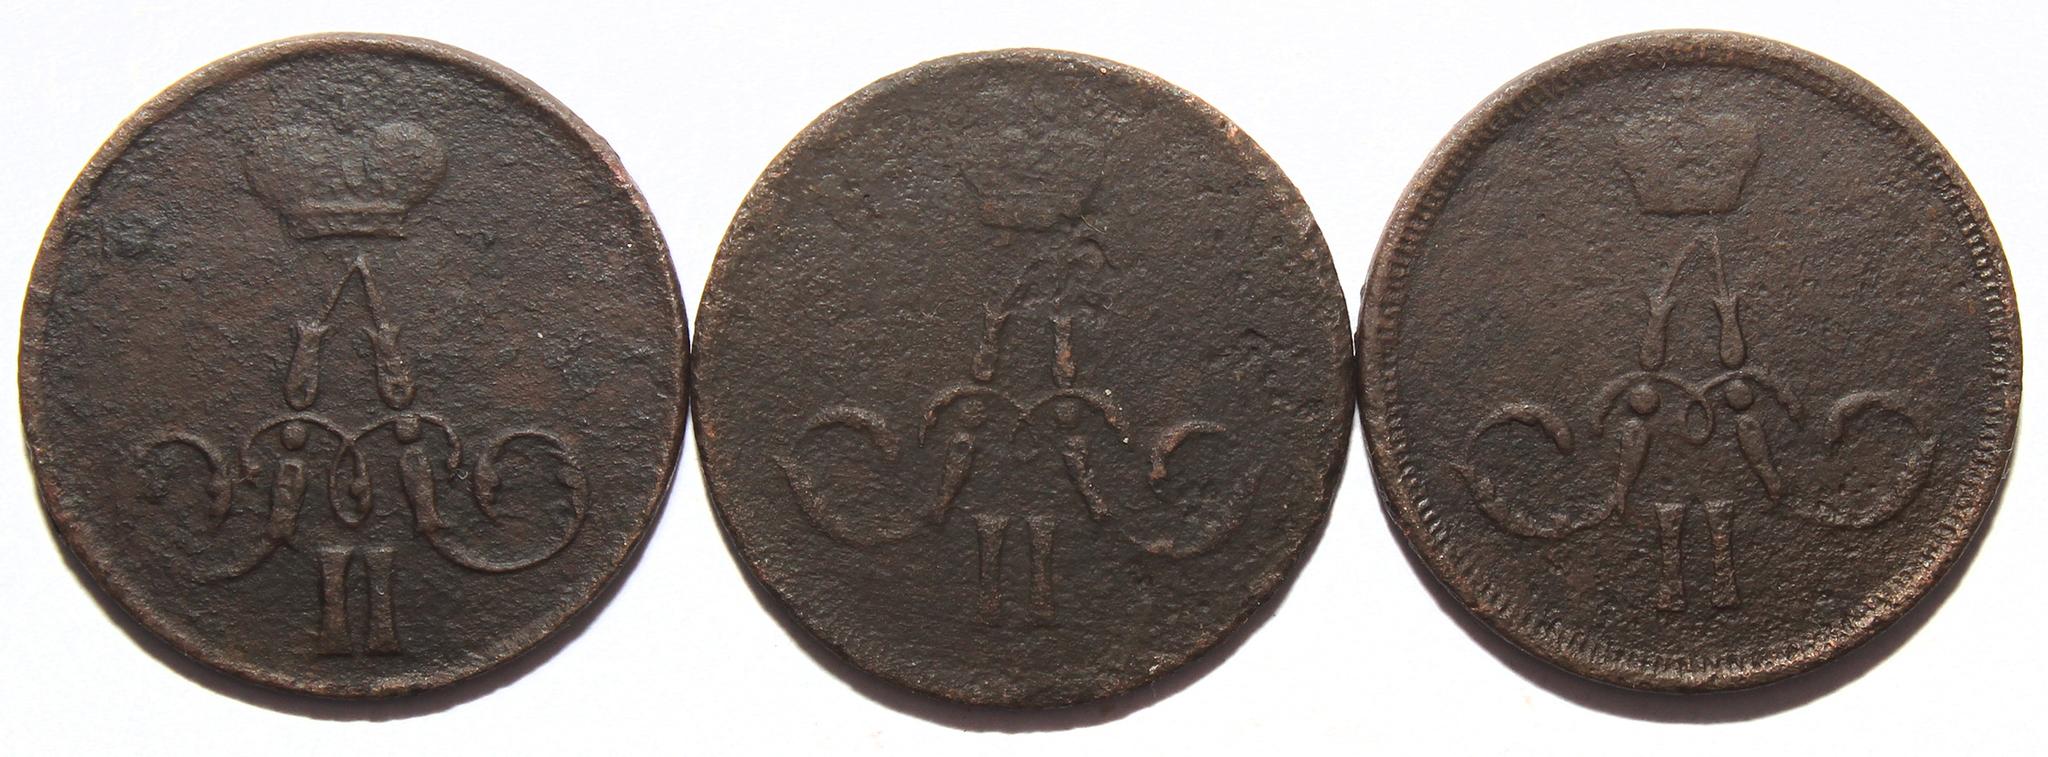 Набор из 3 монет копейка Александр II 1856, 1861, 1862 гг